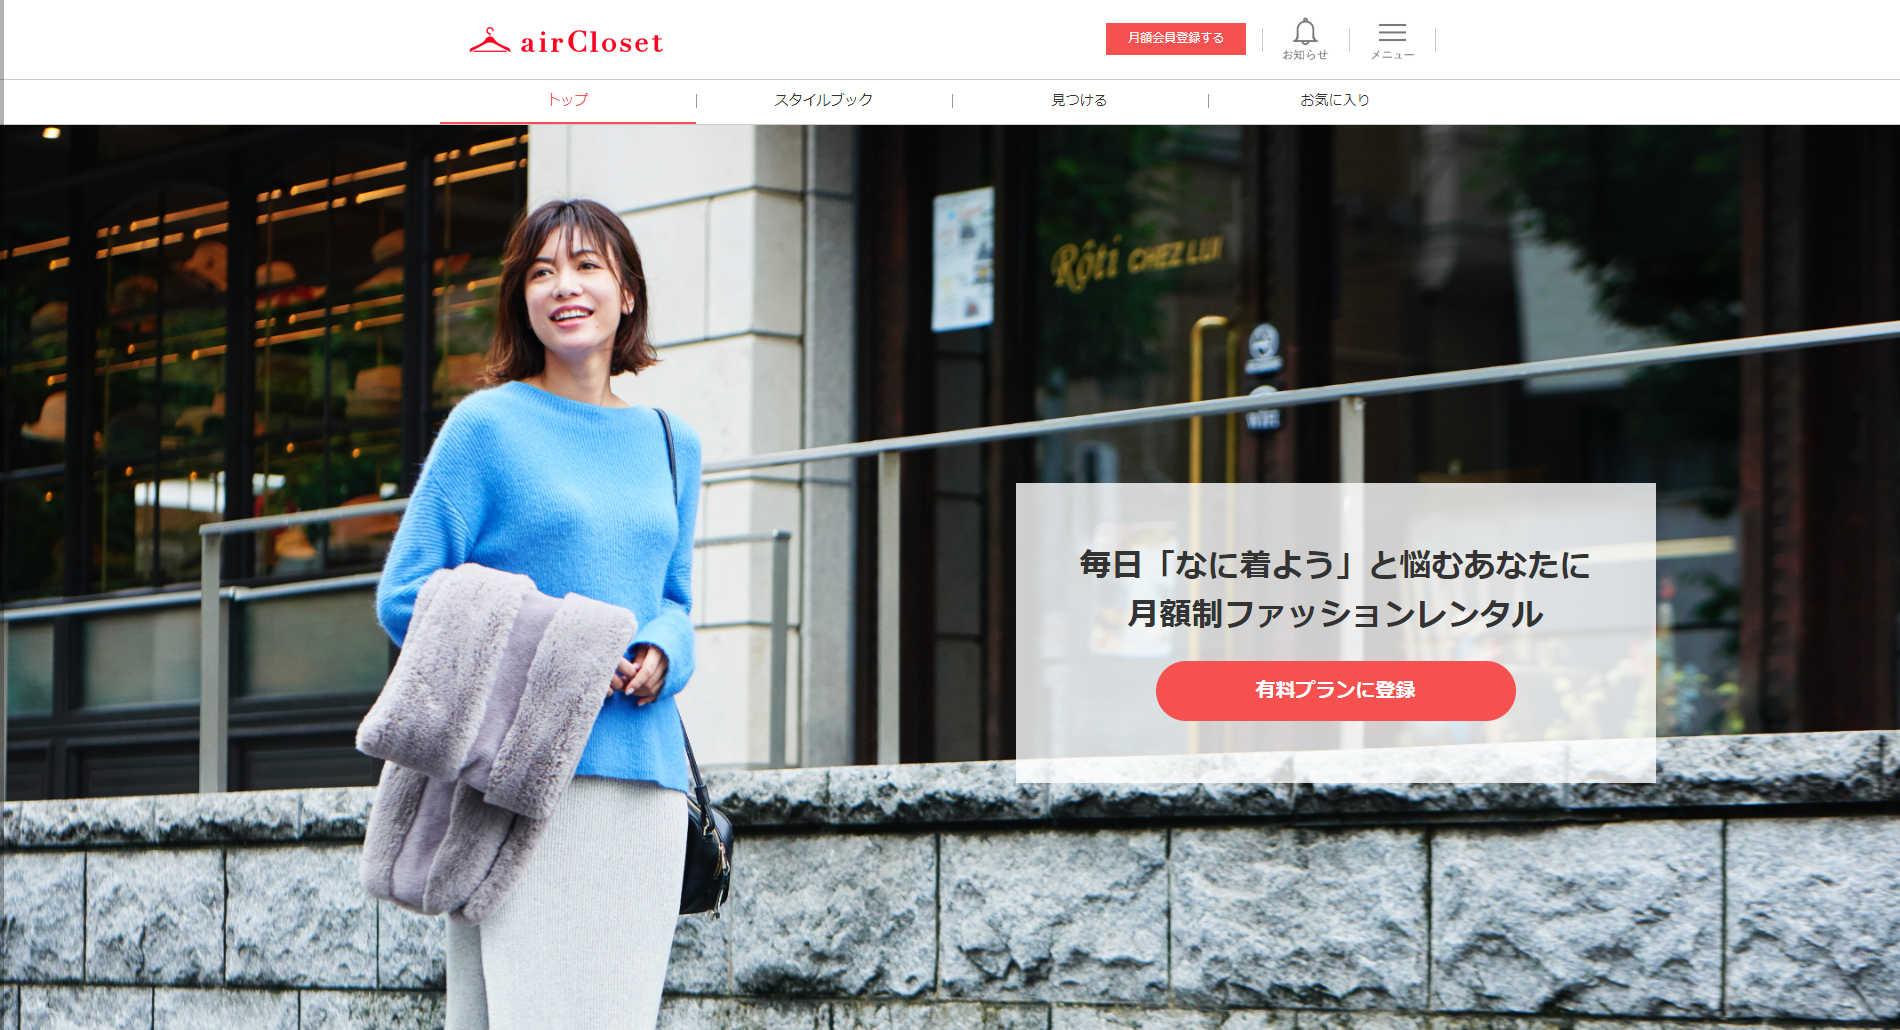 エアークローゼット、WEBサイトのTOPページバナー画像